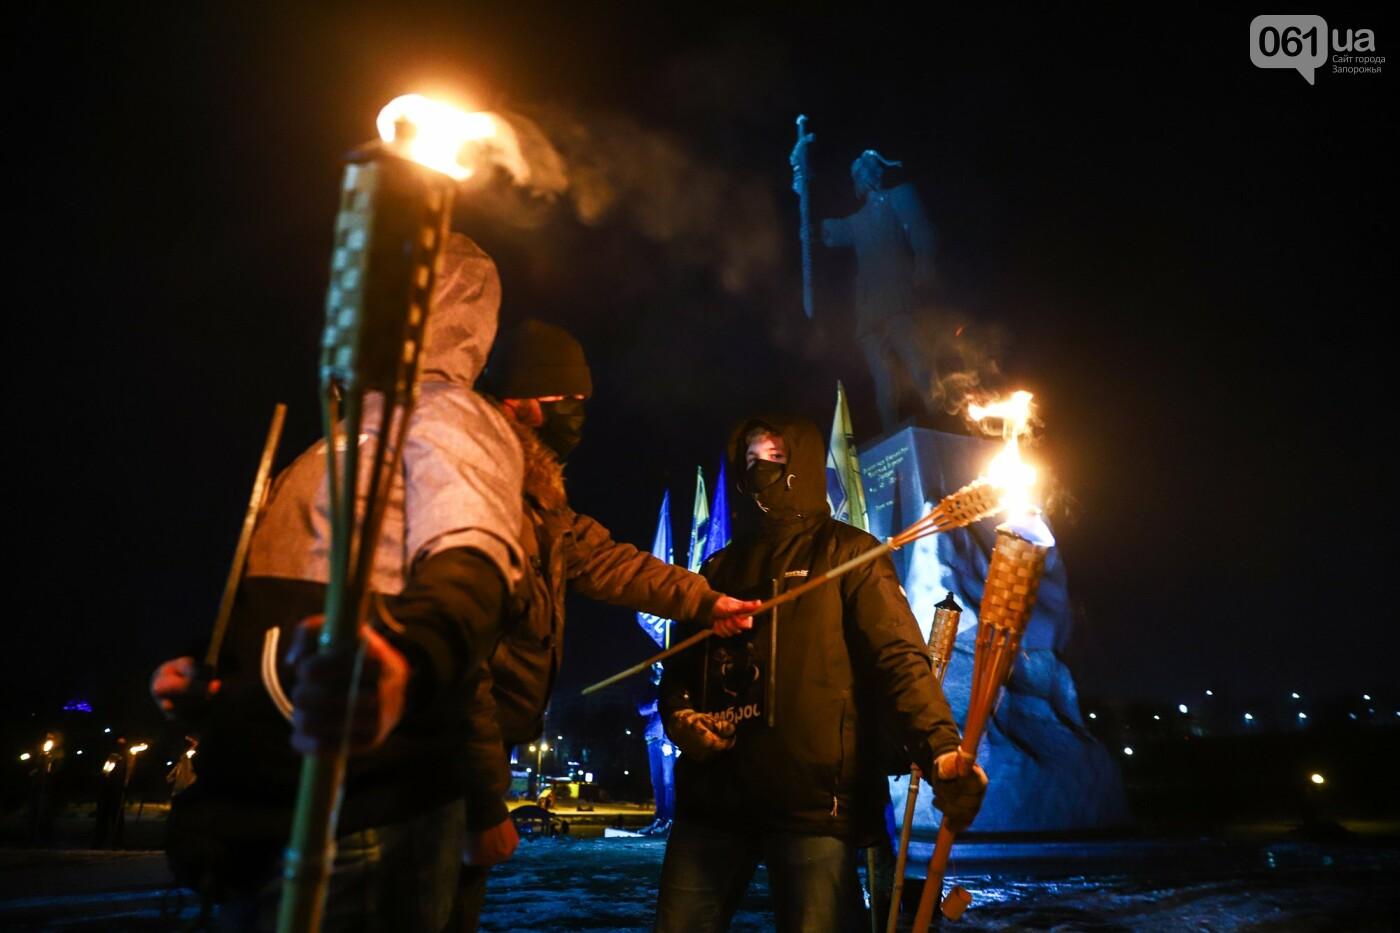 Бои за Широкино: в Запорожье зажгли факела в память о погибших бойцах, - ФОТОРЕПОРТАЖ , фото-11